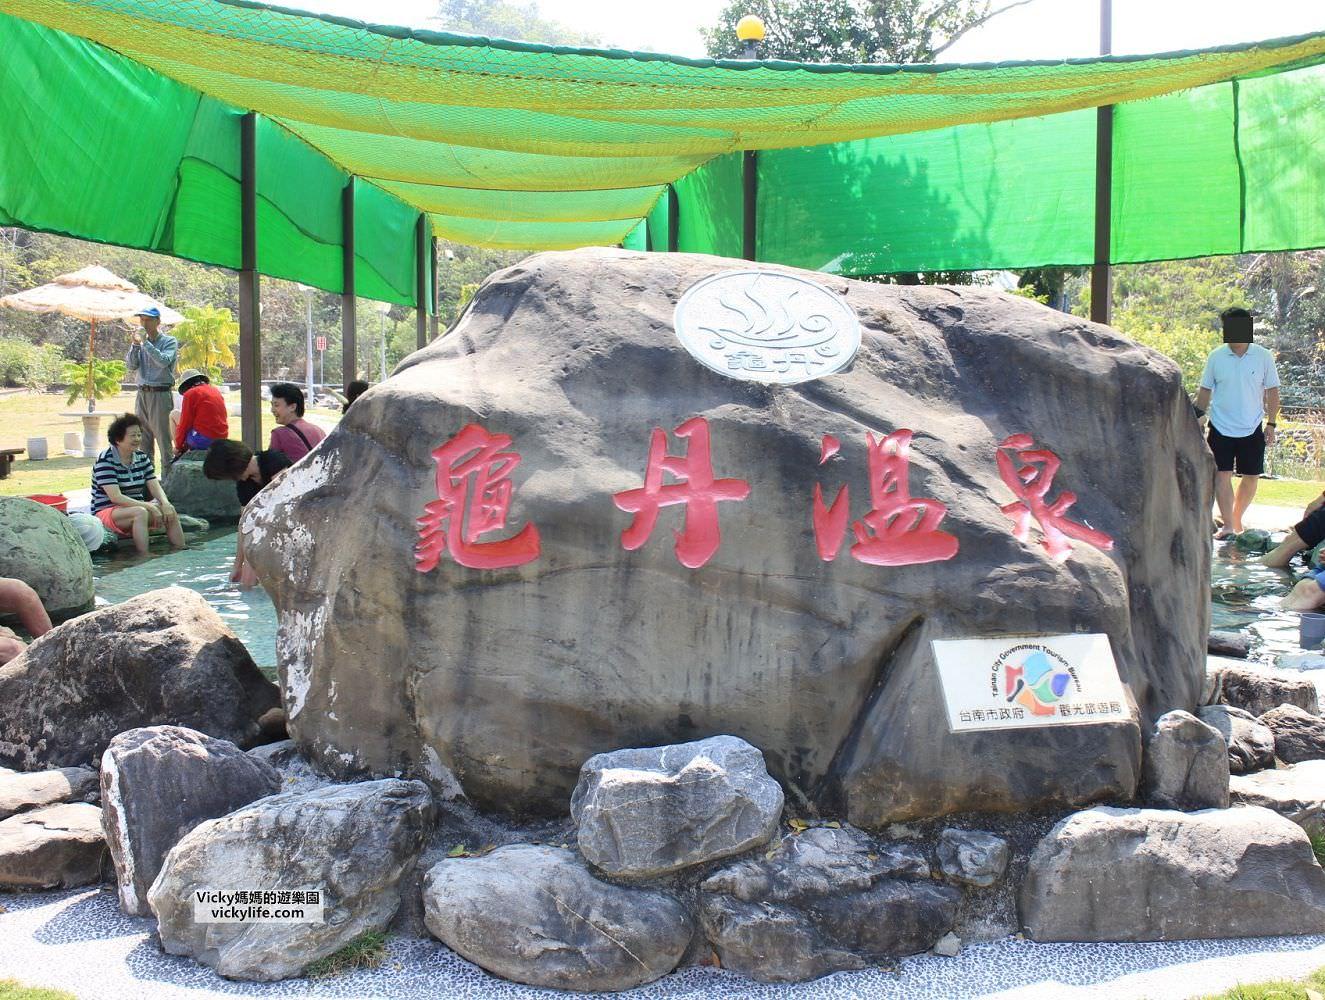 台南景點︱龜丹溫泉體驗池︱夏天泡冷泉,冬天泡溫泉,四季皆宜的泡湯景點,佛心實惠的銅板價格